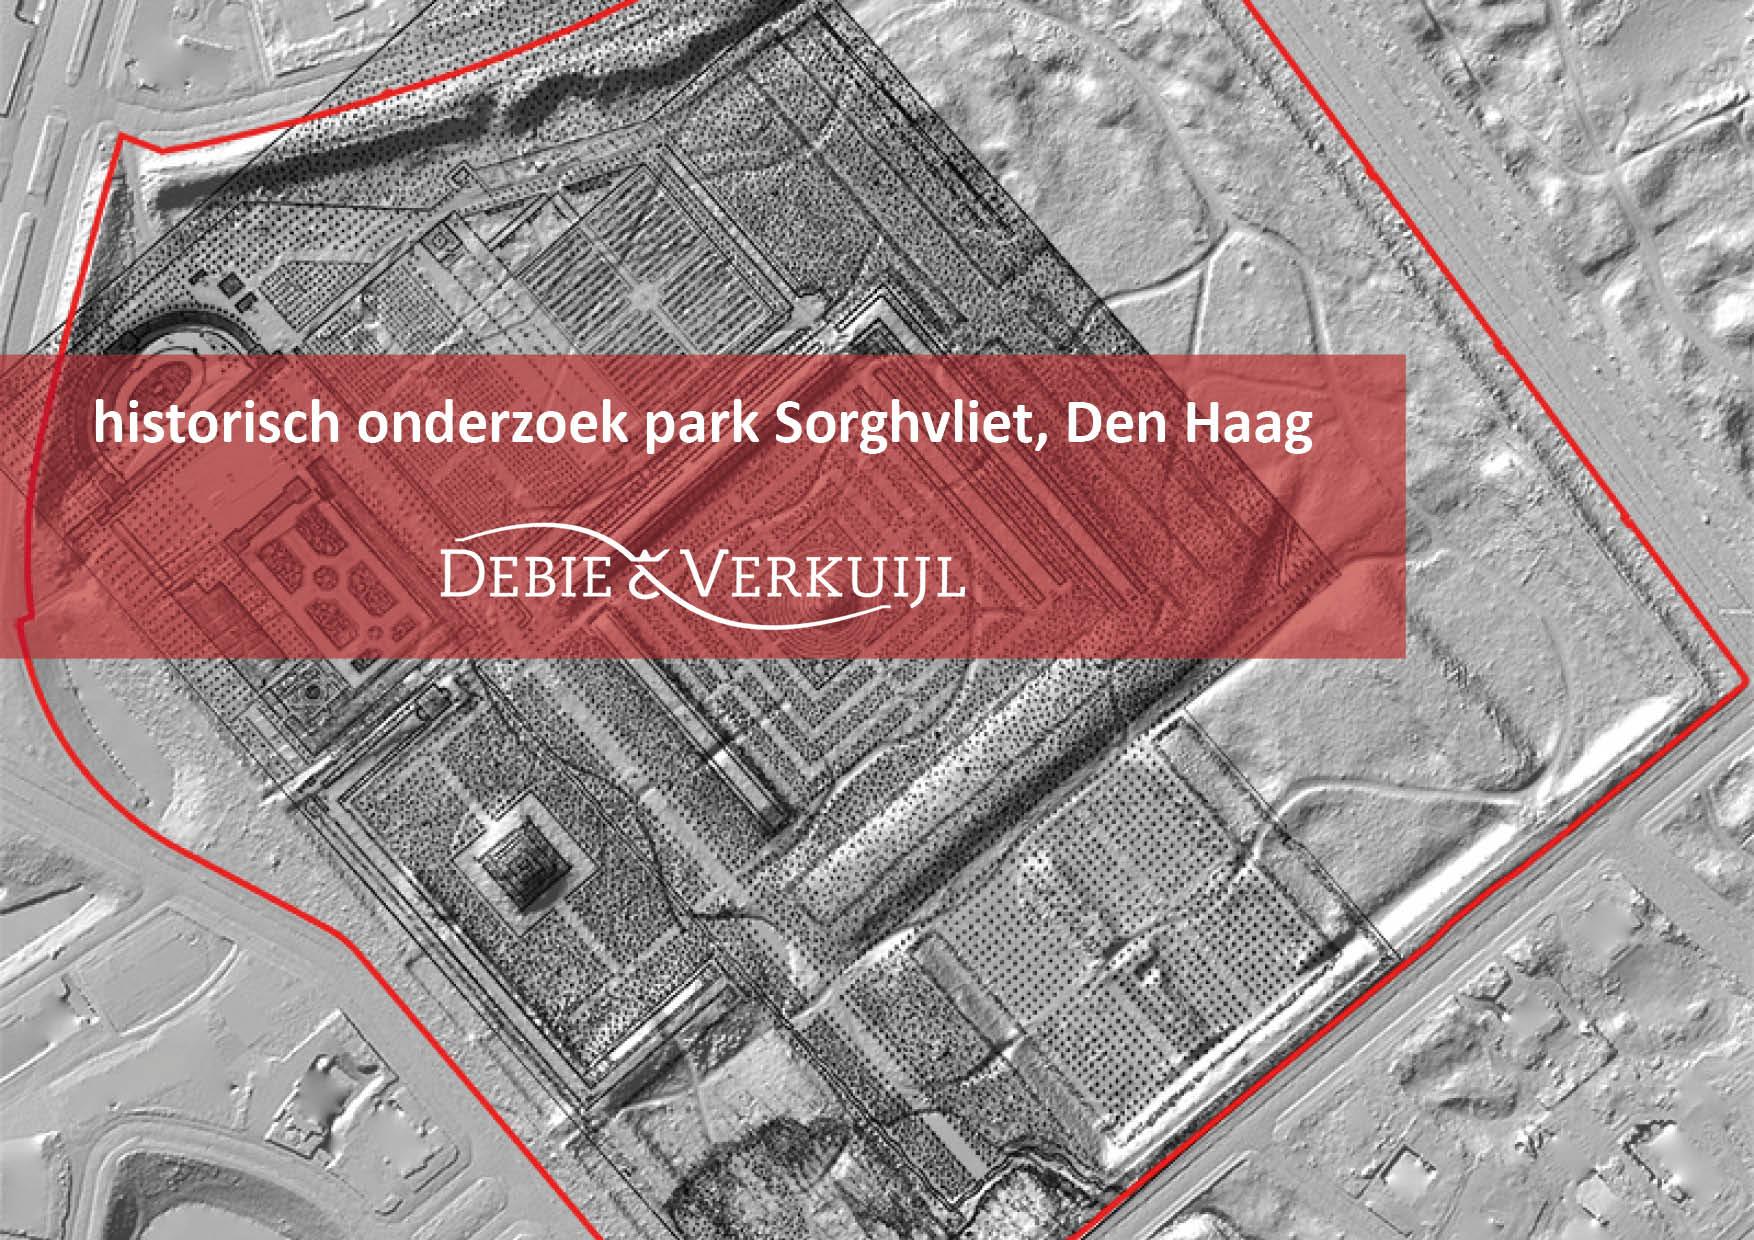 Onderzoek Park Sorghvliet, Den Haag